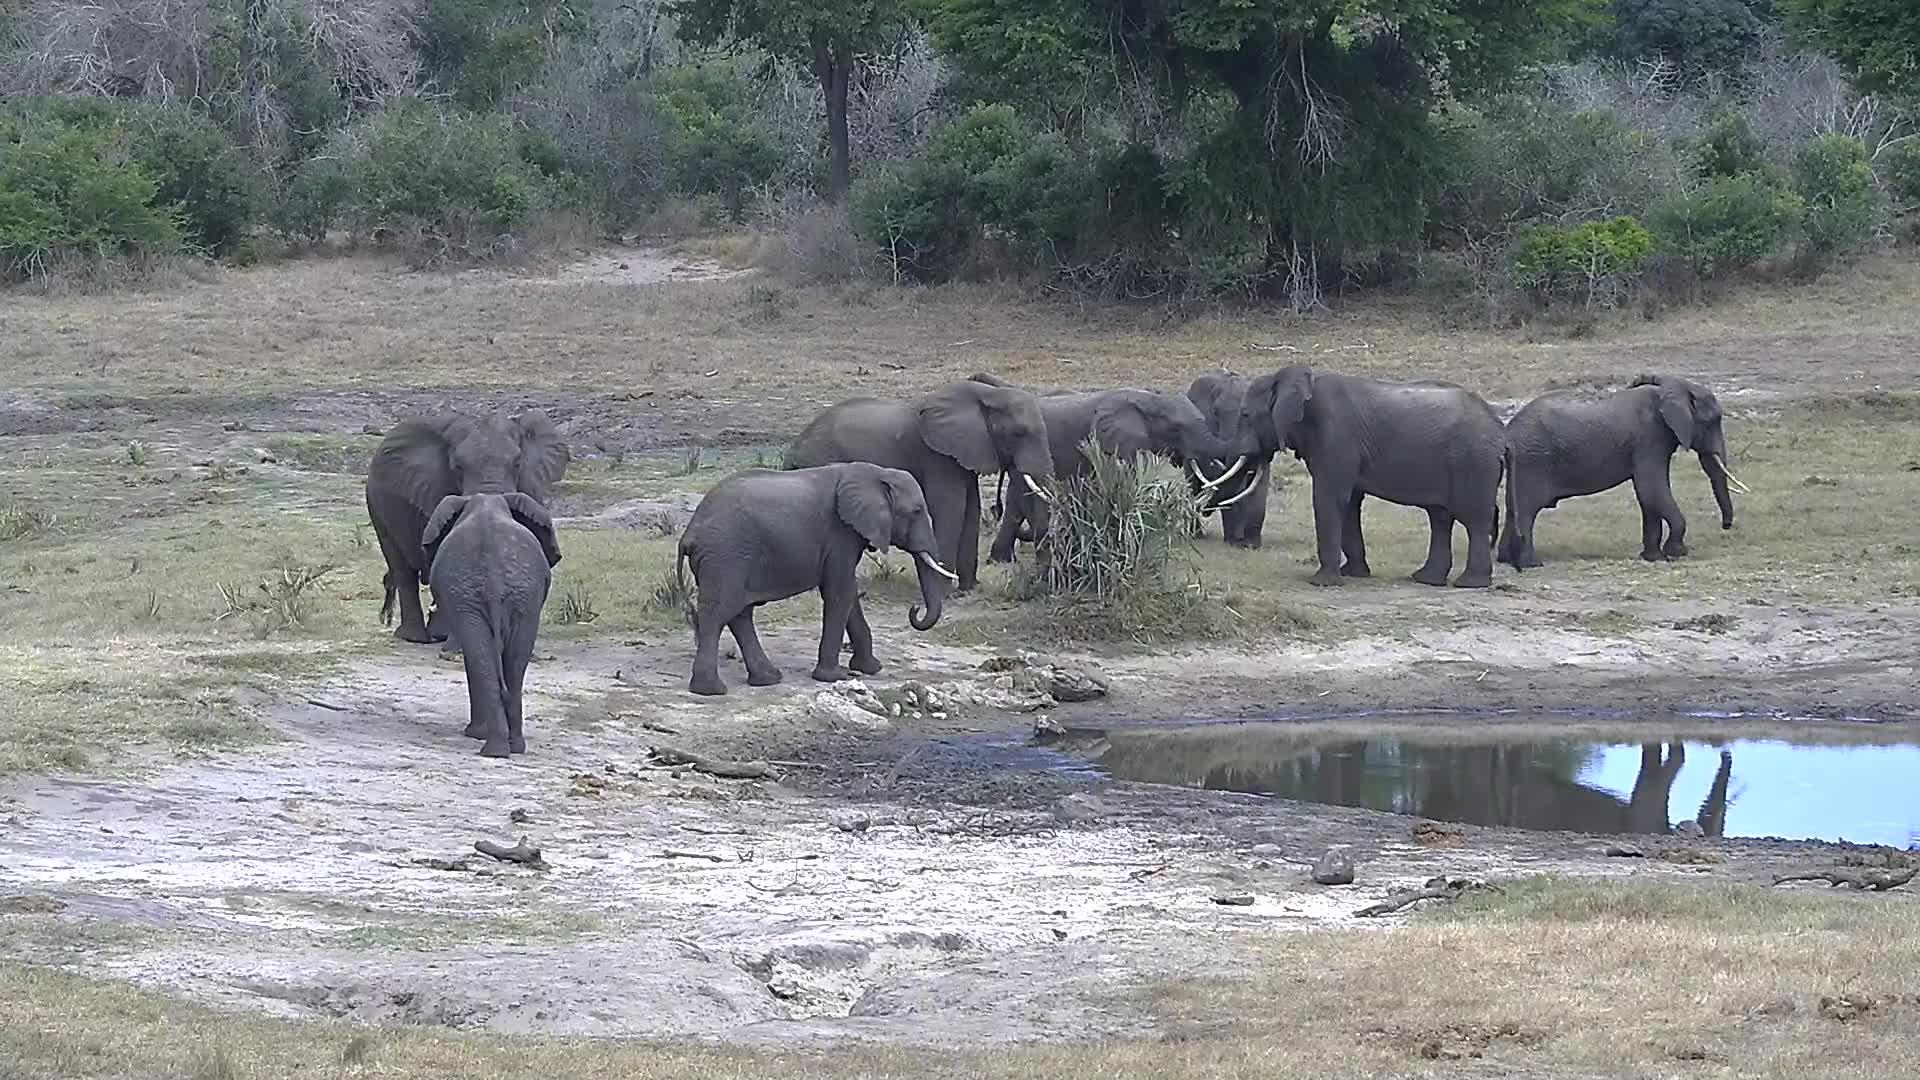 VIDEO: Elephants all frisky today